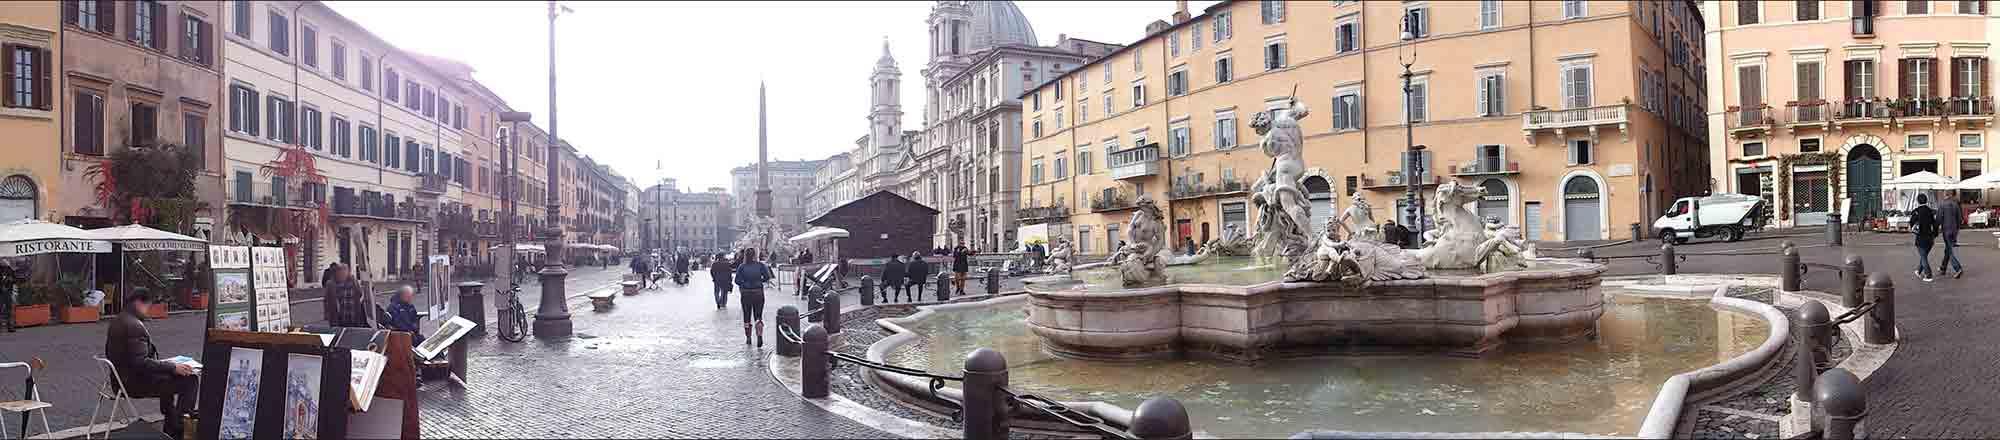 Praça Navona - Turismo em Roma